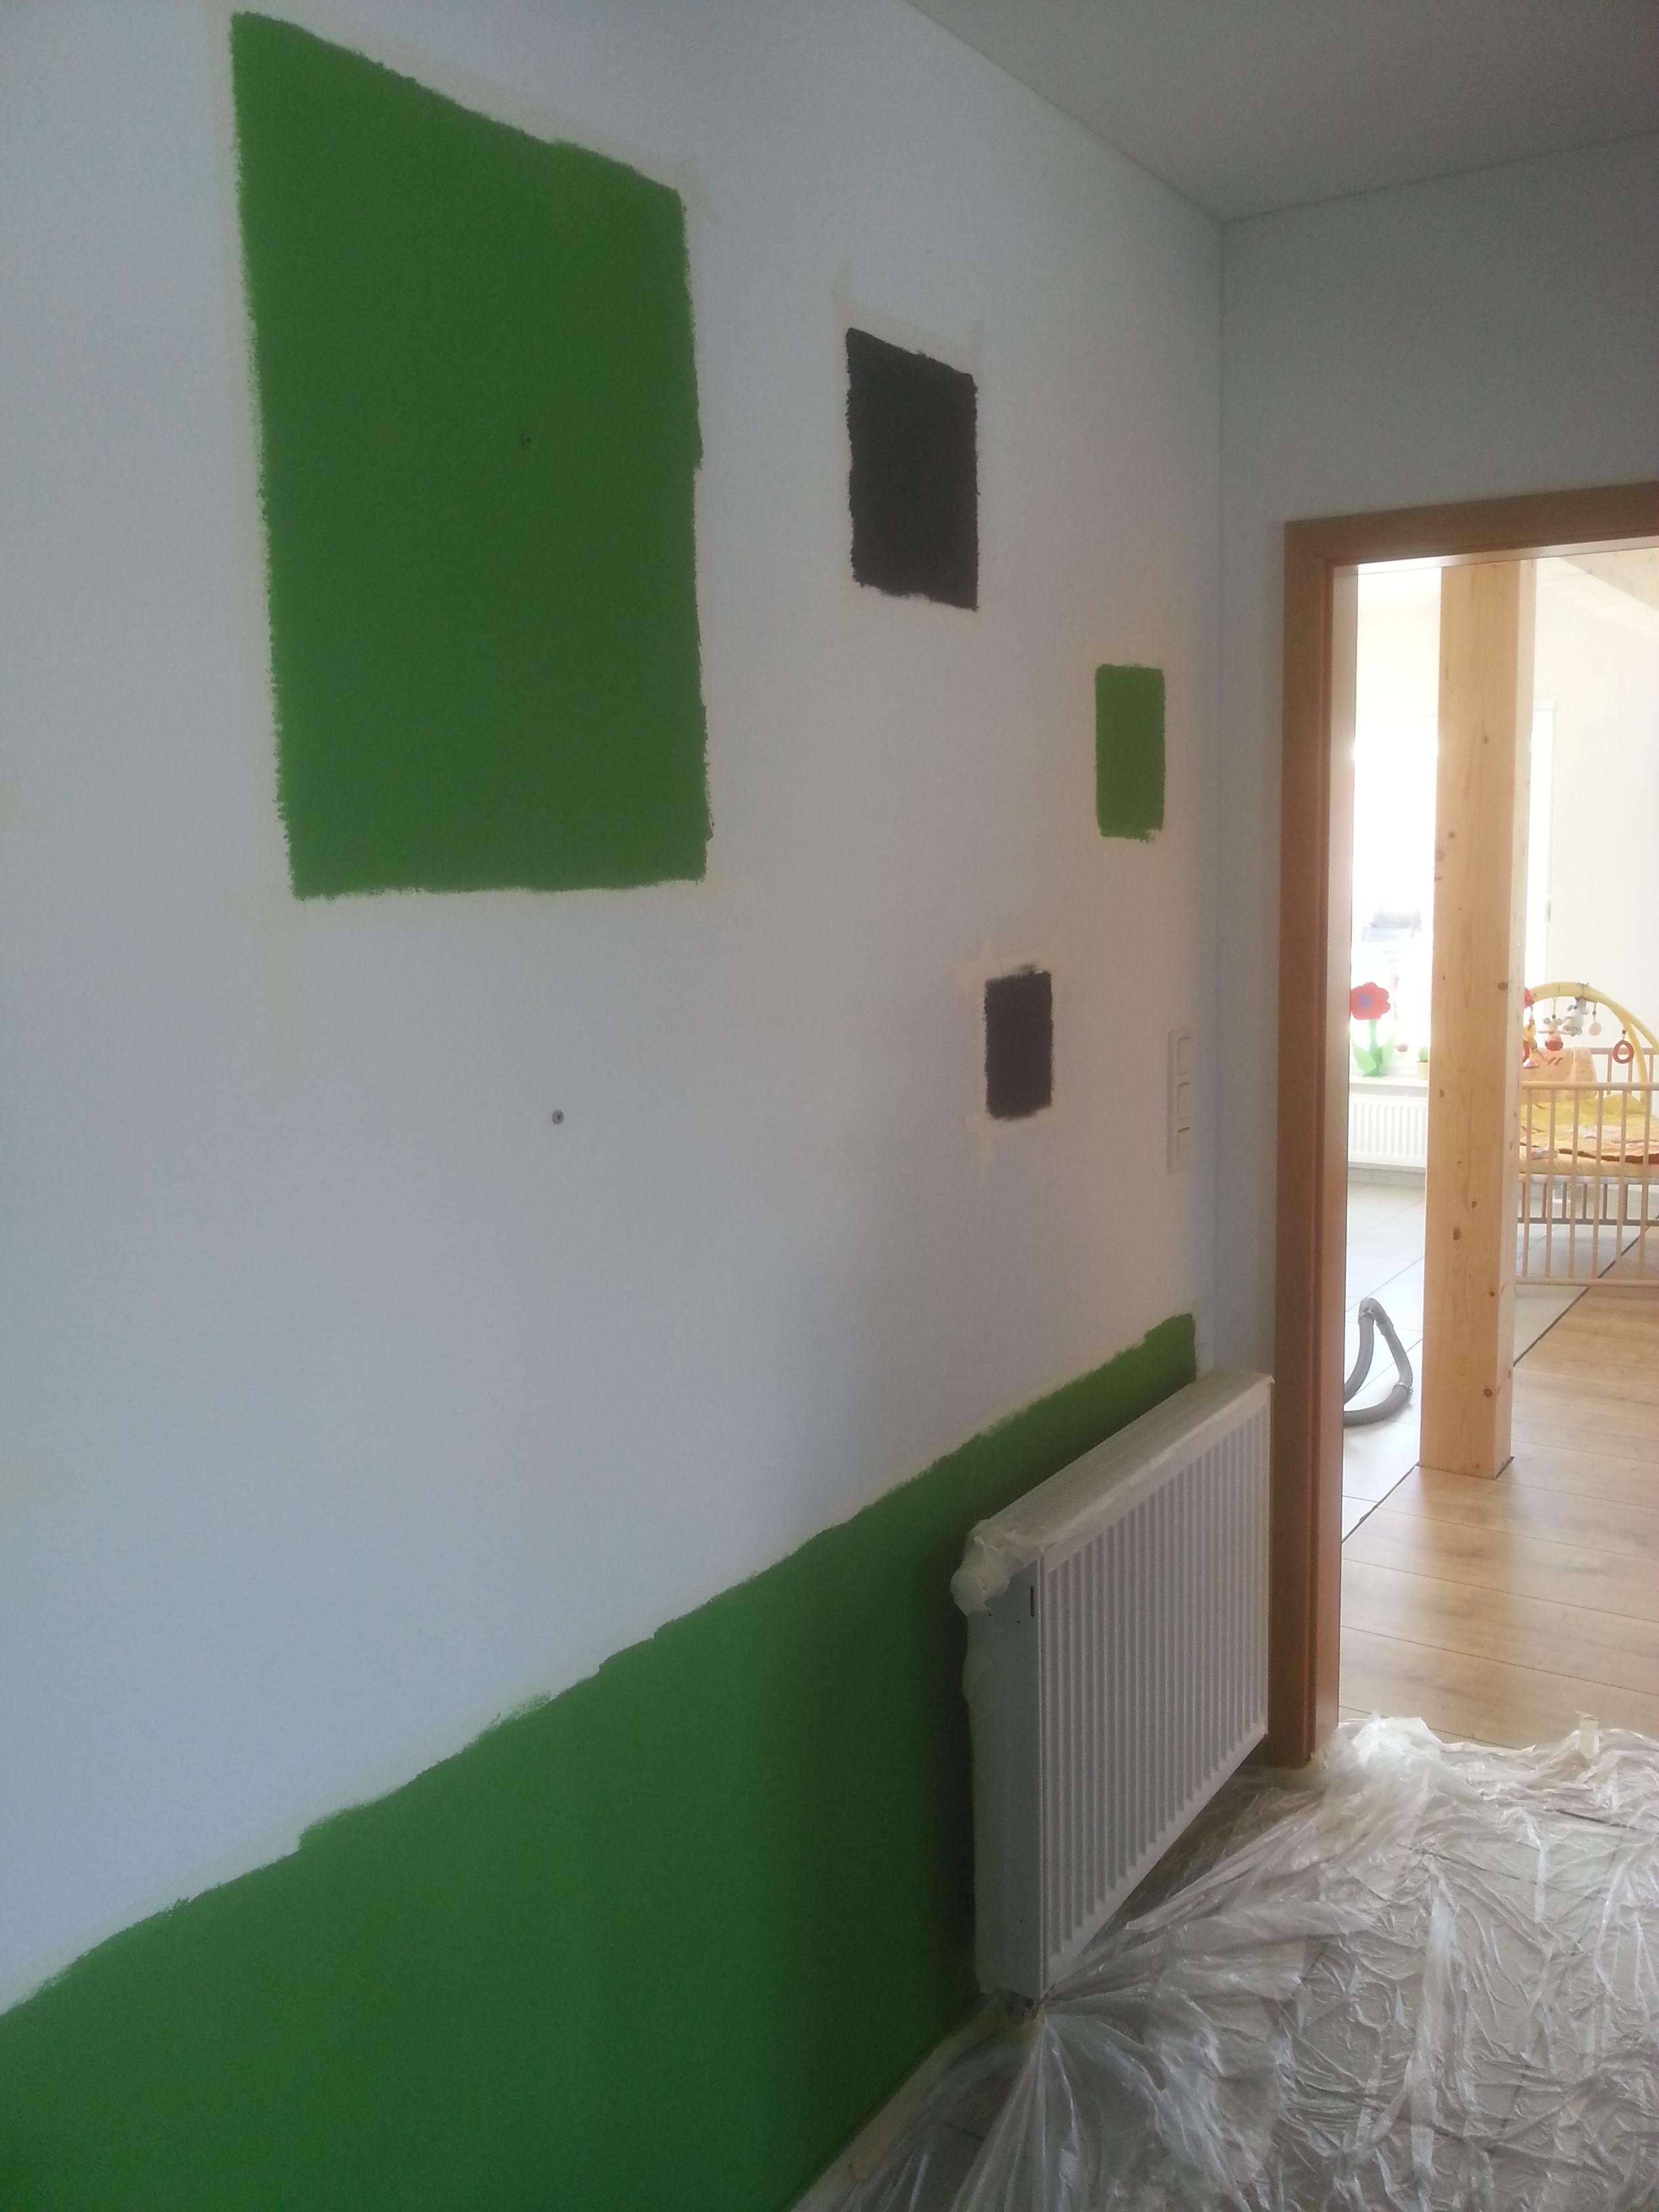 20130327 115217 lordlamer. Black Bedroom Furniture Sets. Home Design Ideas